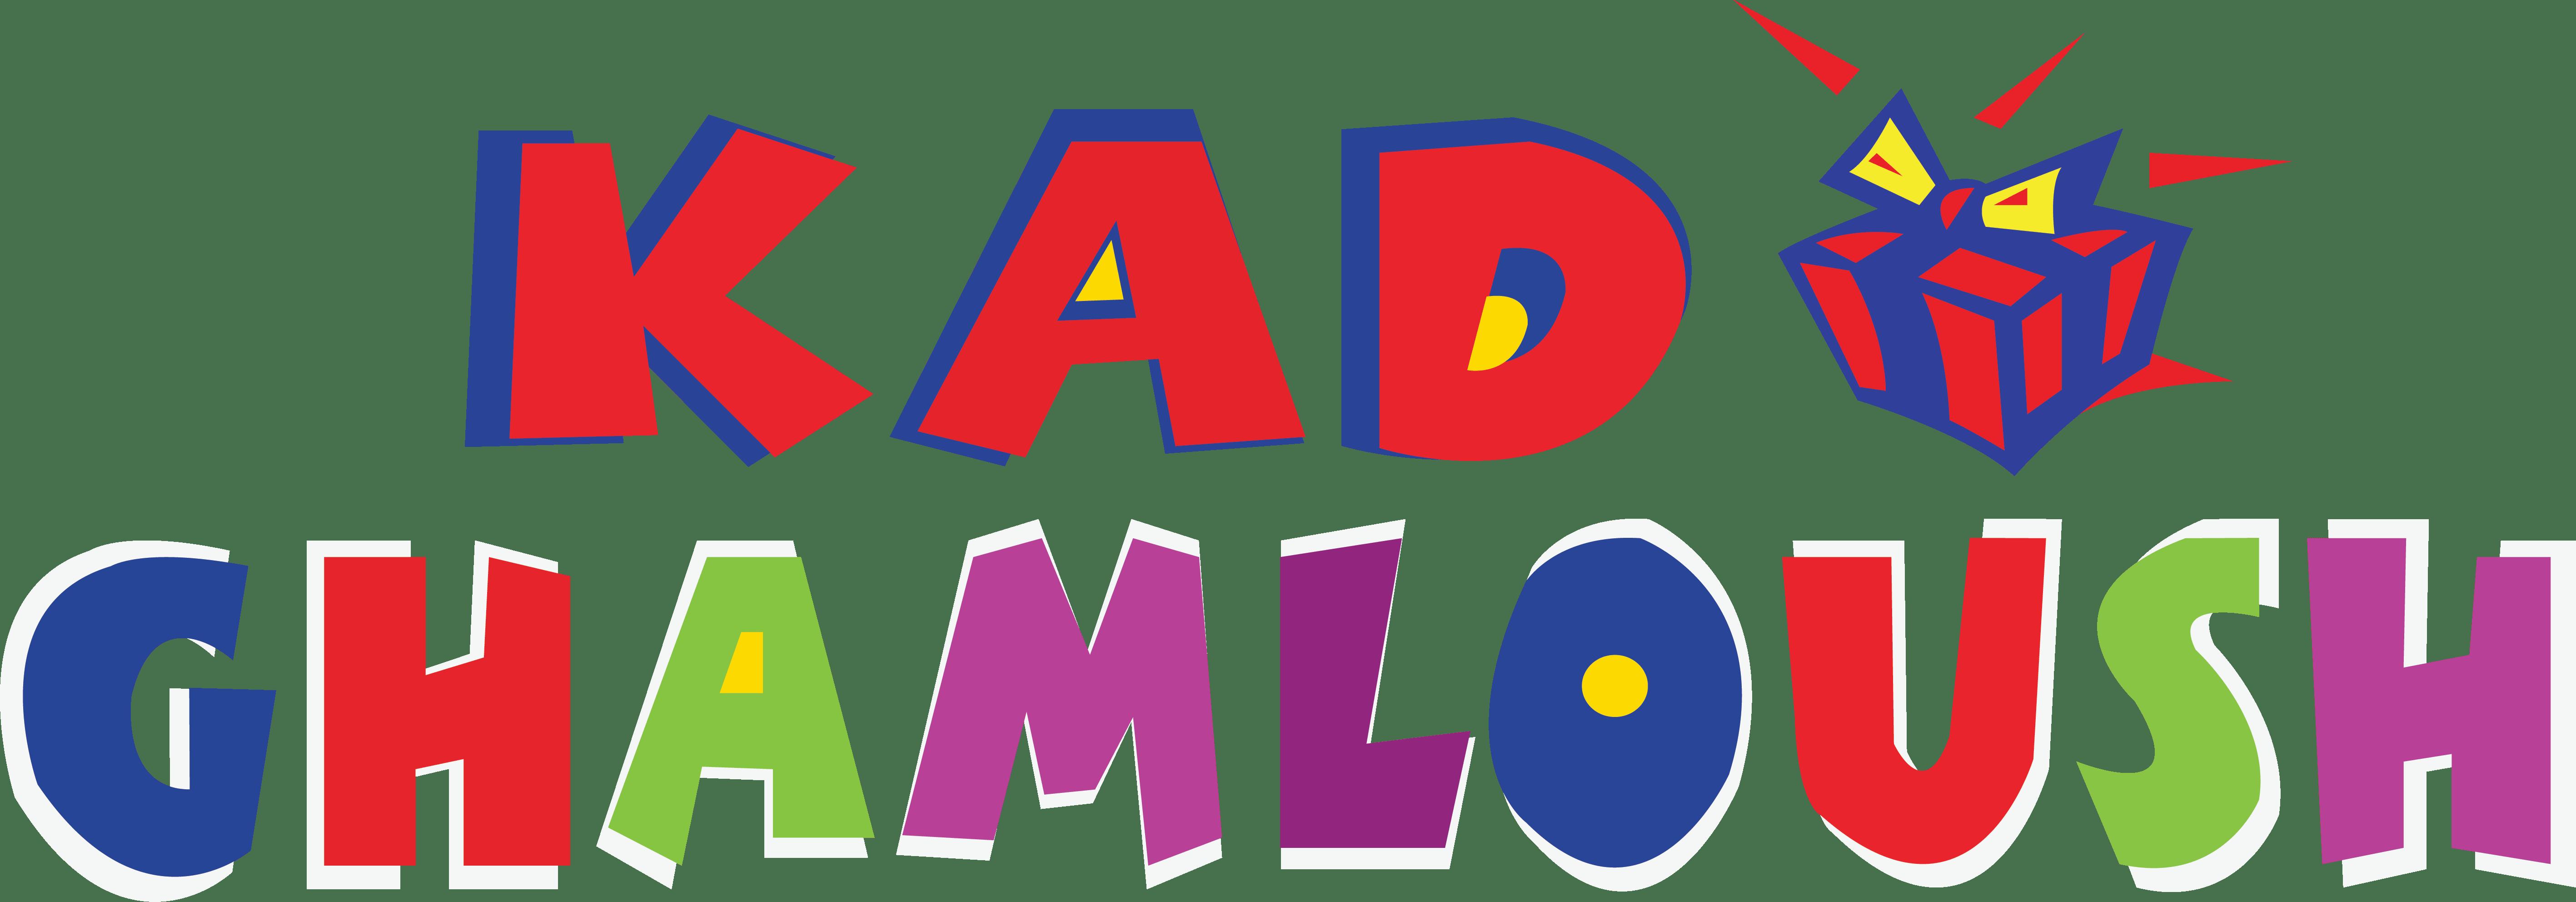 Kado Ghamloush